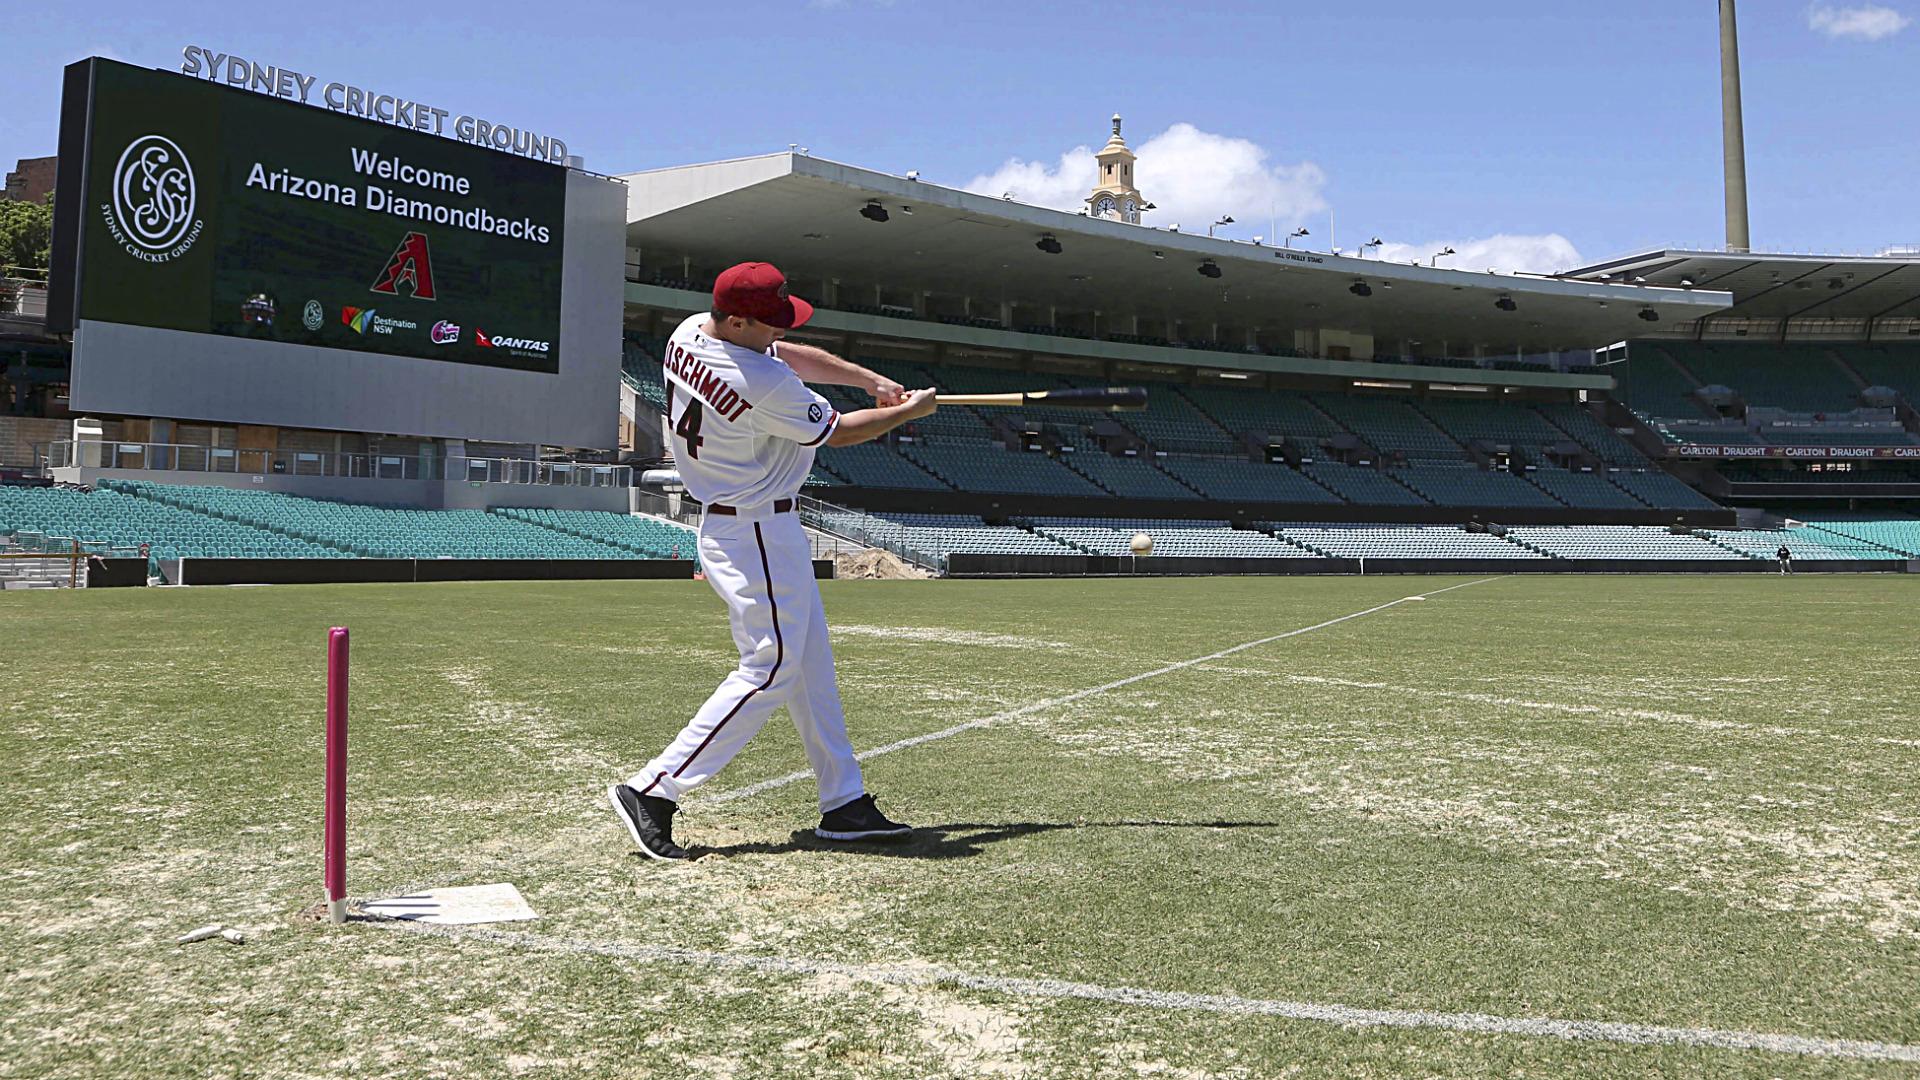 australia-baseball-11-20-13-AP-FTR